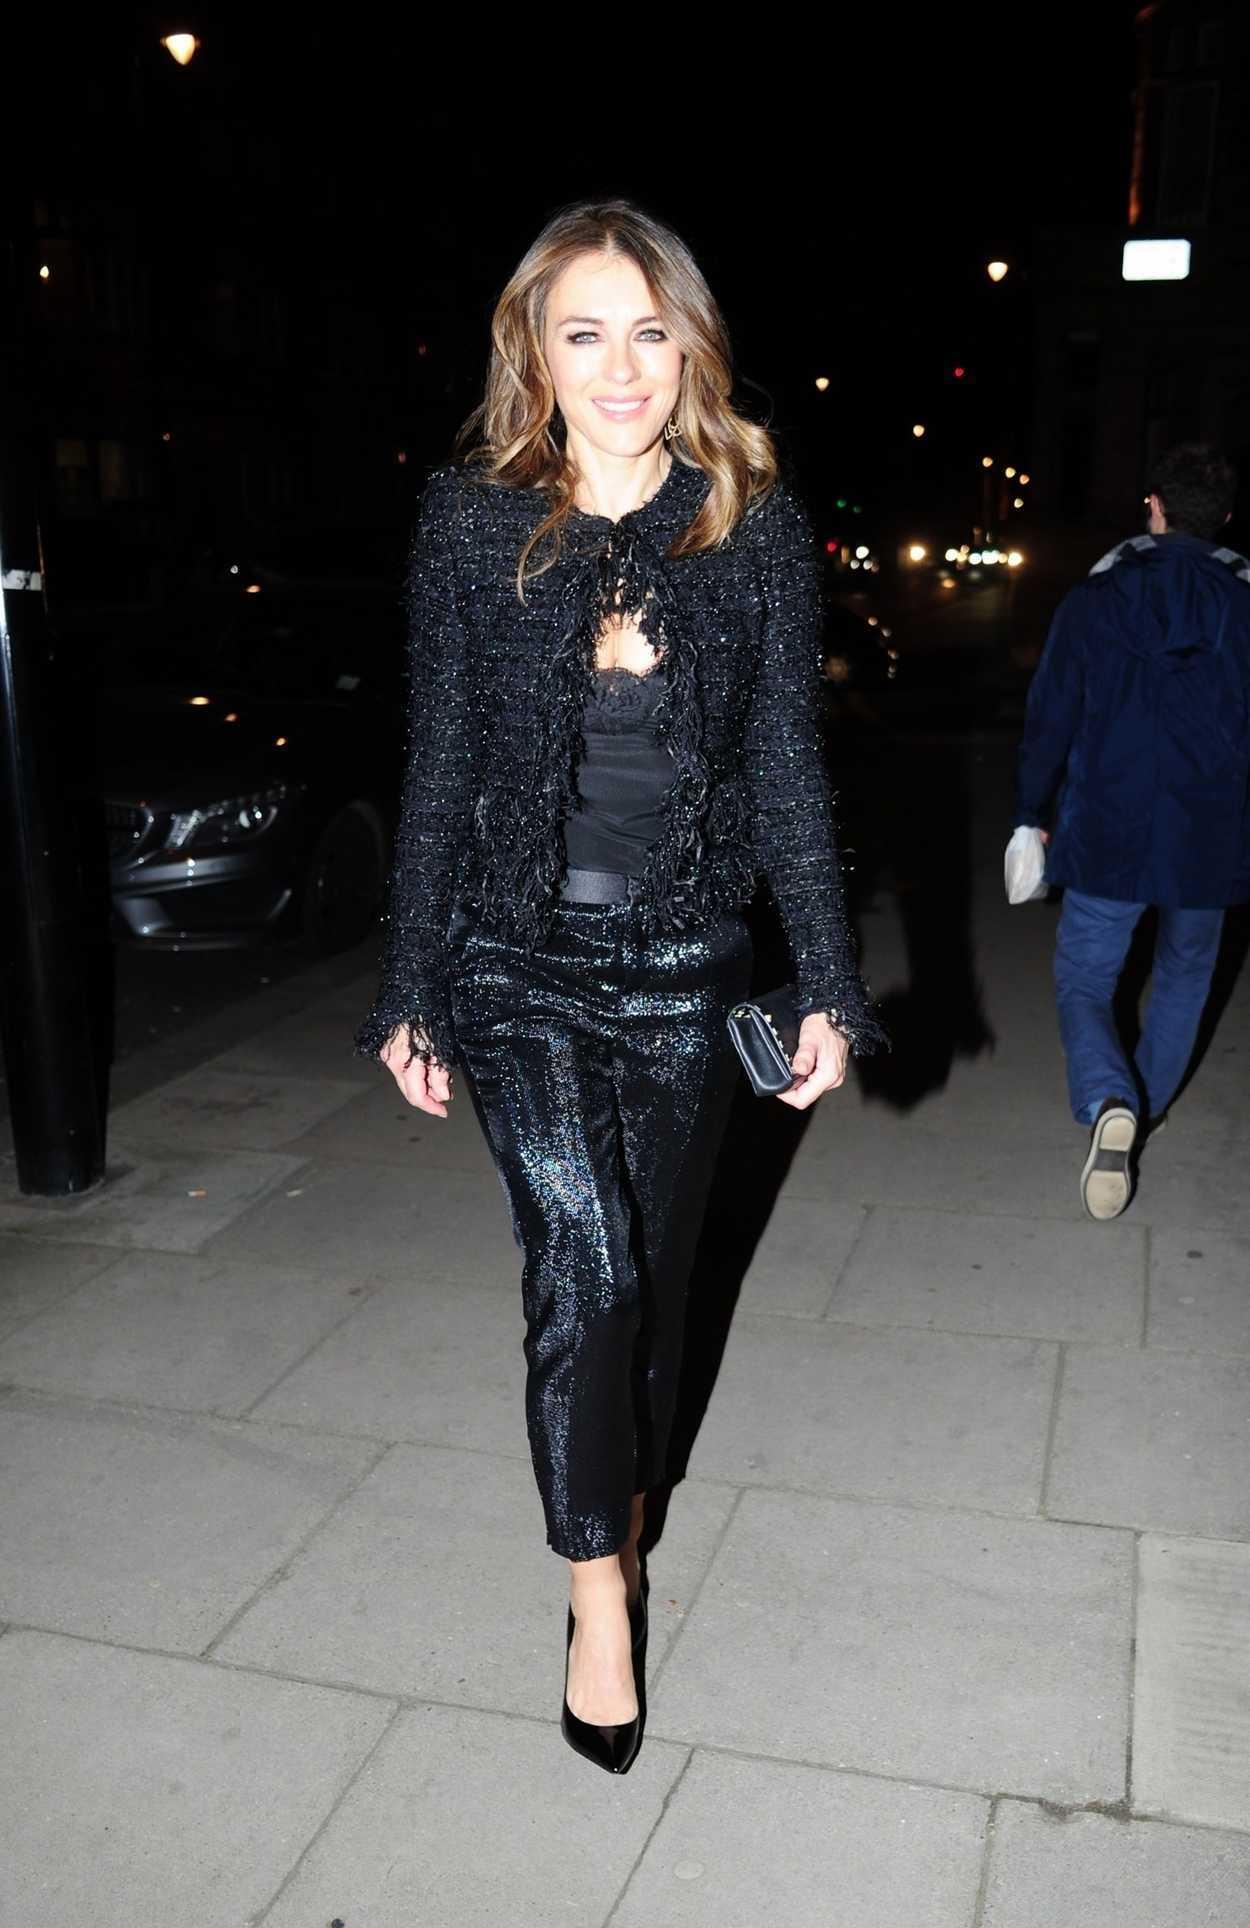 Elizabeth Hurley In All Black Leaves Her House In London